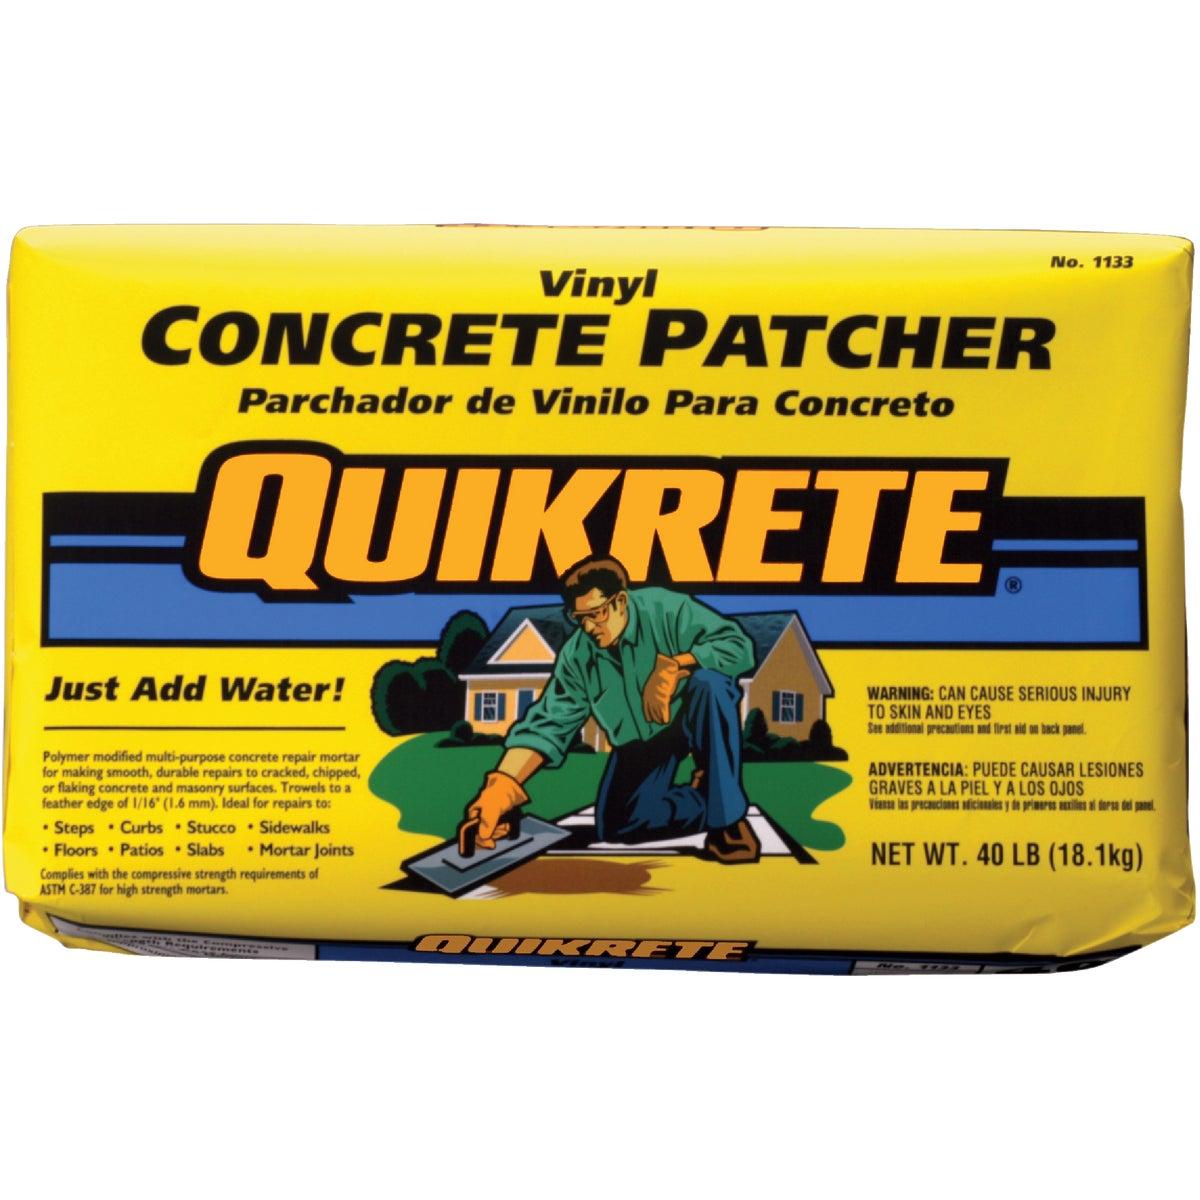 40LB VINYL CONCR PATCHER - 1133-40 by Quikrete Co